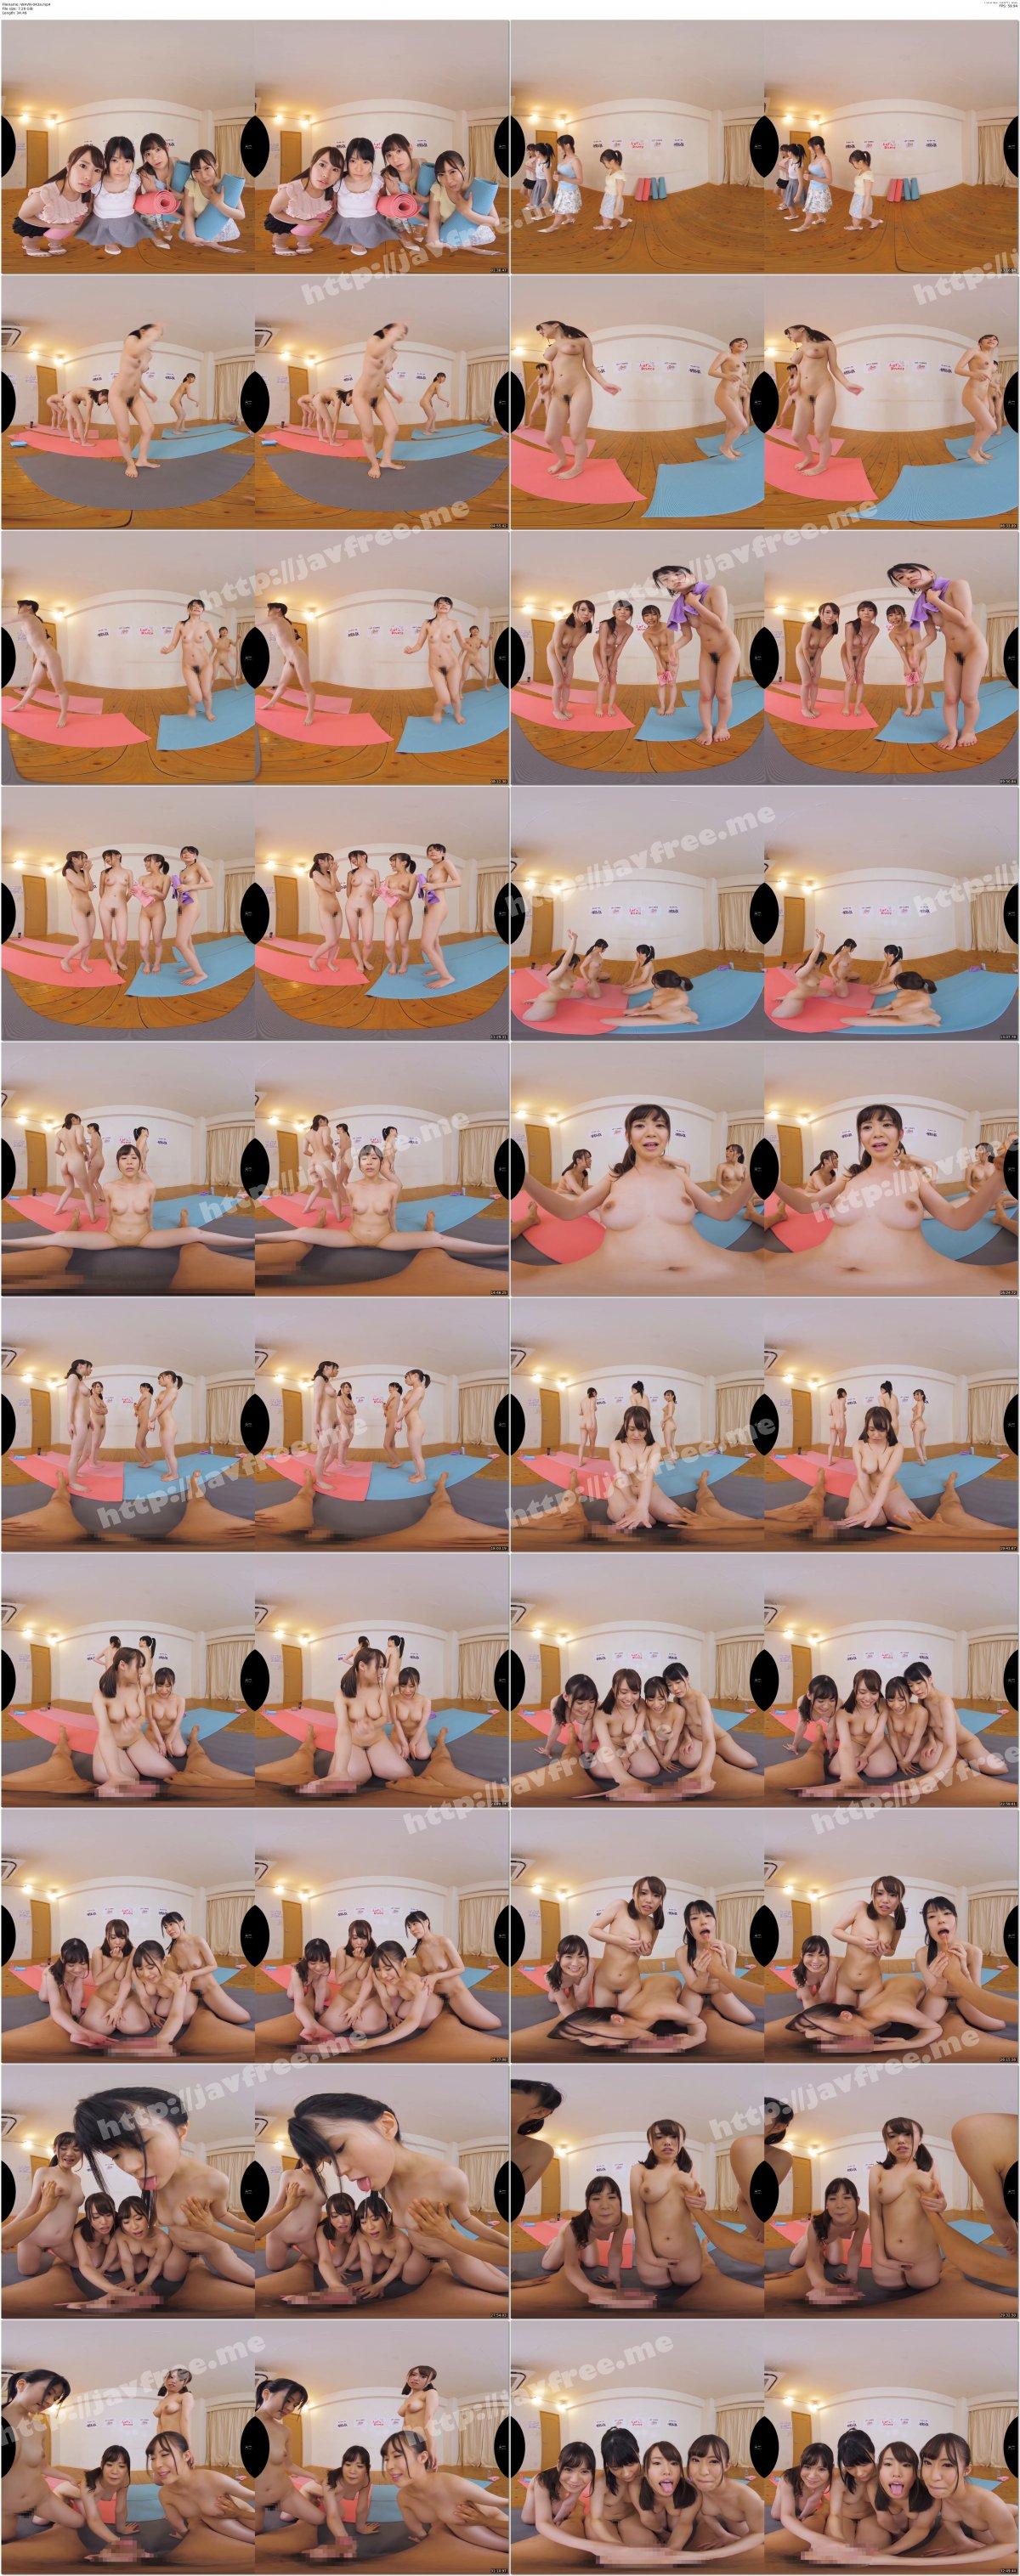 [WAVR-043] 【VR】大学のダンスサークルに入部したら男はボク一人!しかも全員巨乳で全裸で踊っていた! もの凄い腰振りで即絶頂!即中出し! - image WAVR-043a on https://javfree.me